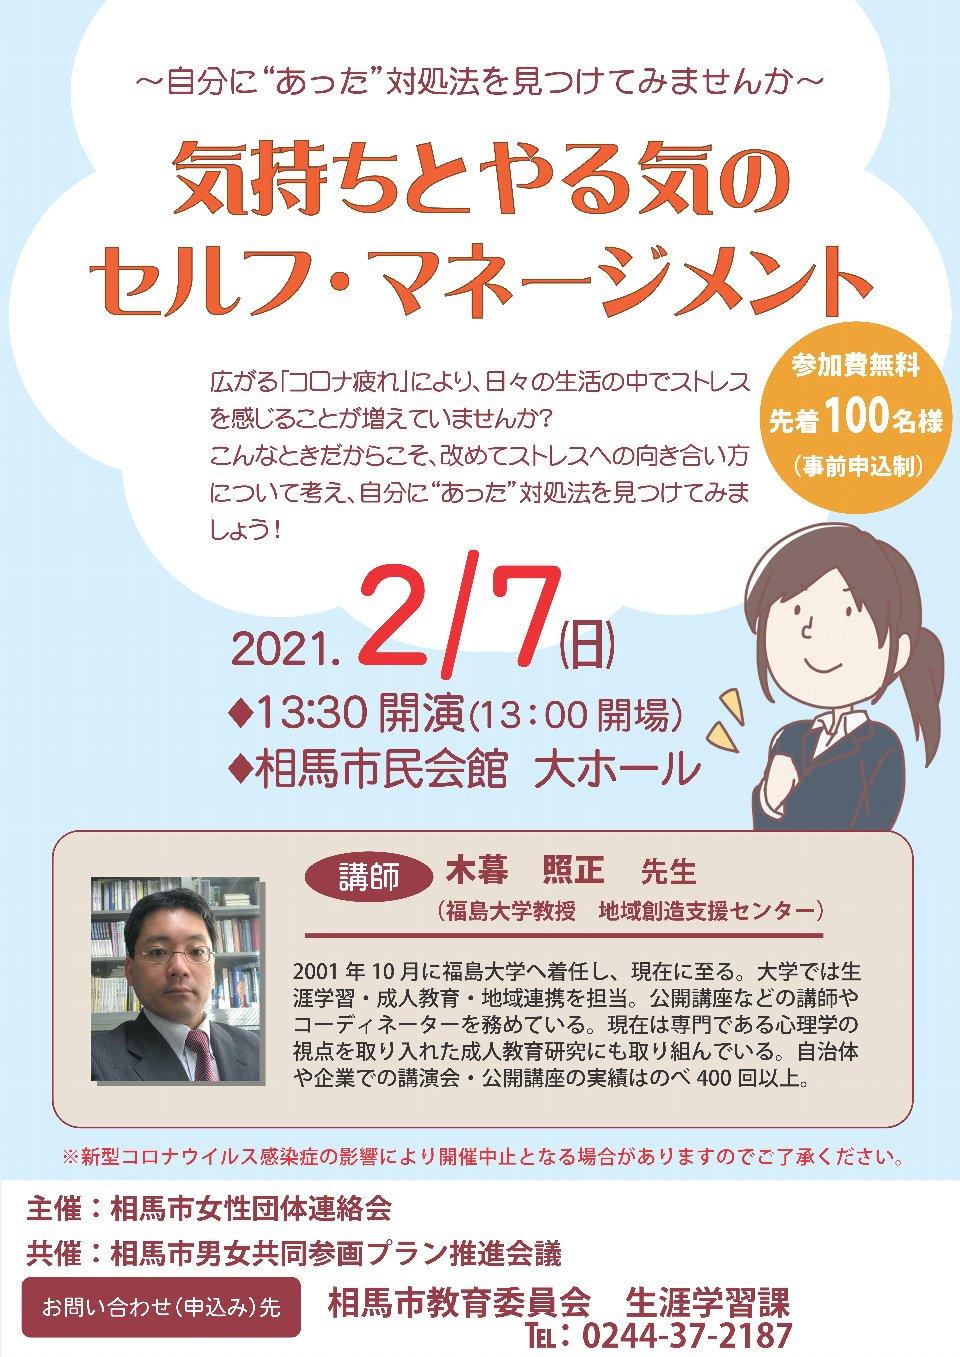 相馬市「気持ちとやる気のセルフ・マネージメント」講演会